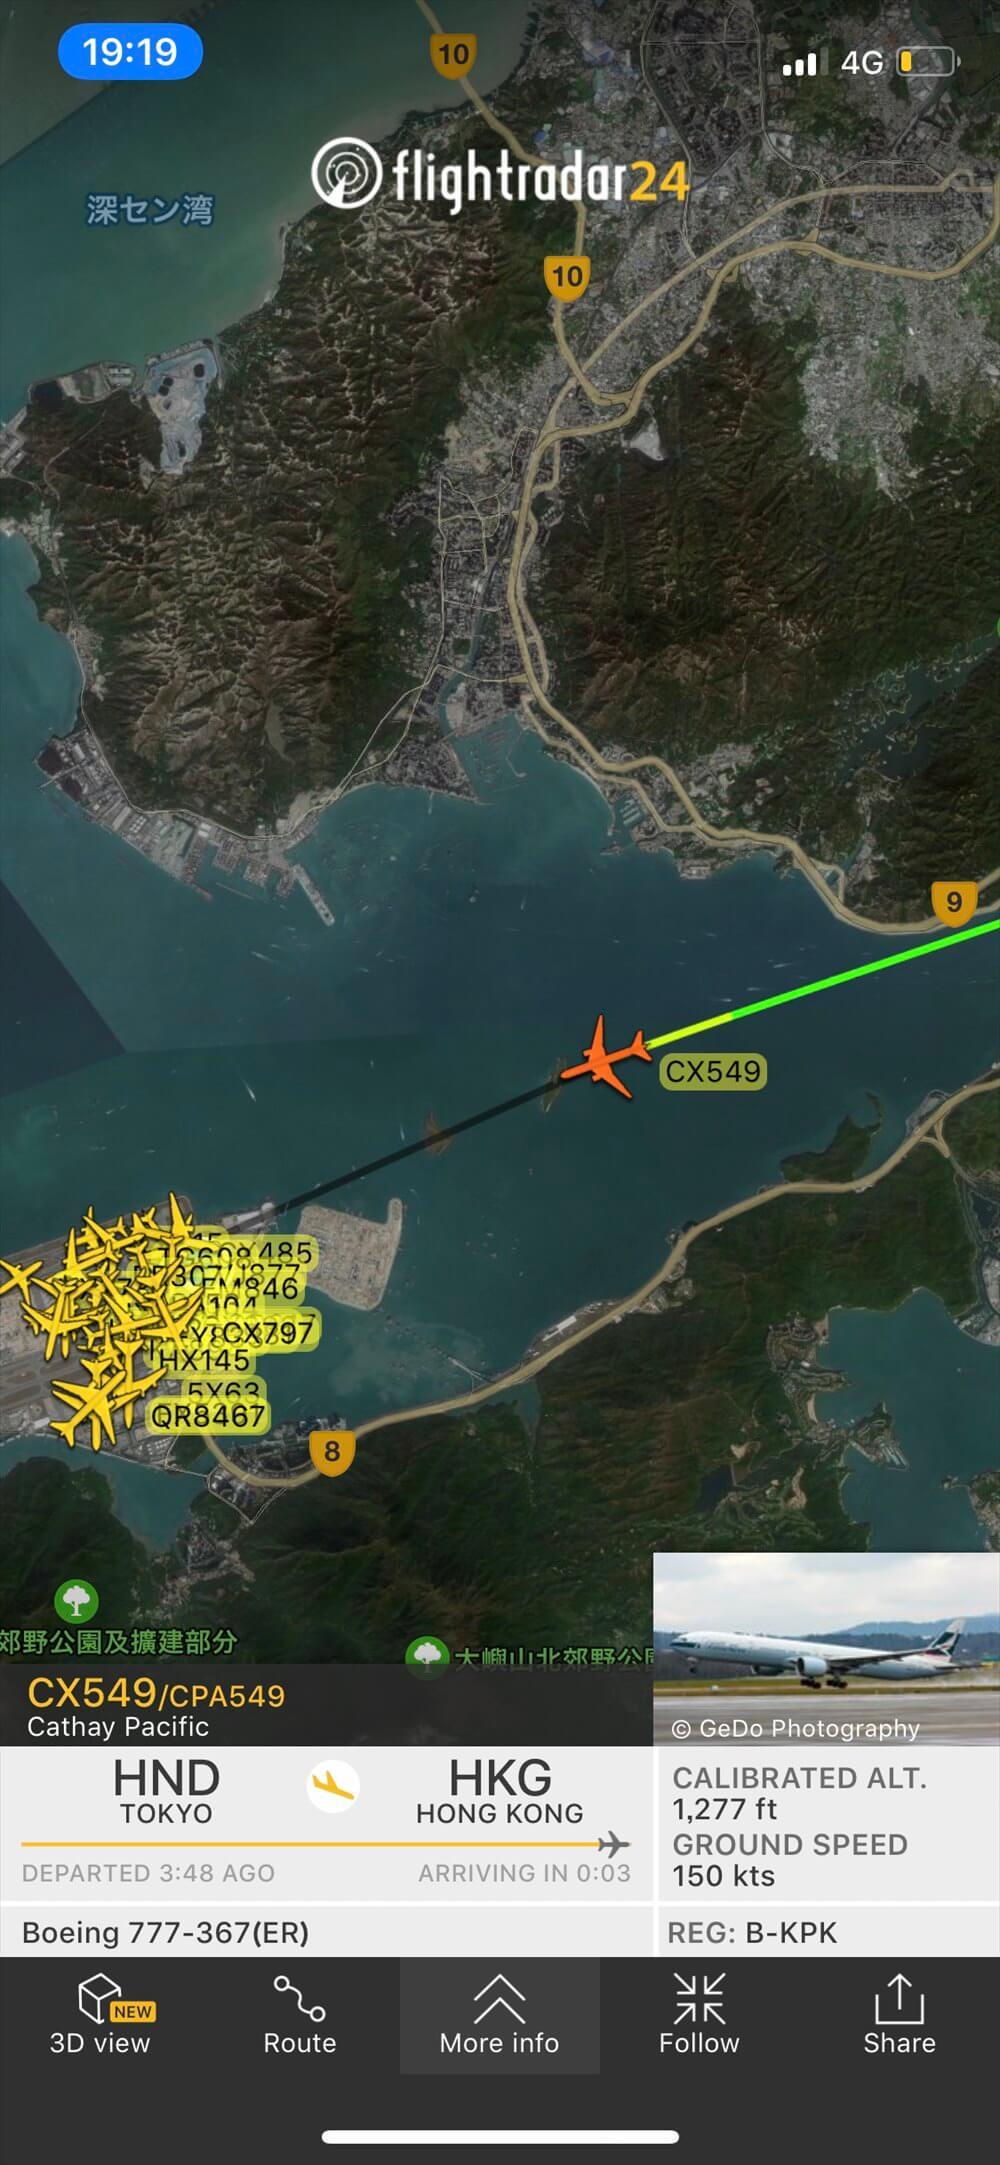 FlightraderのCX549便